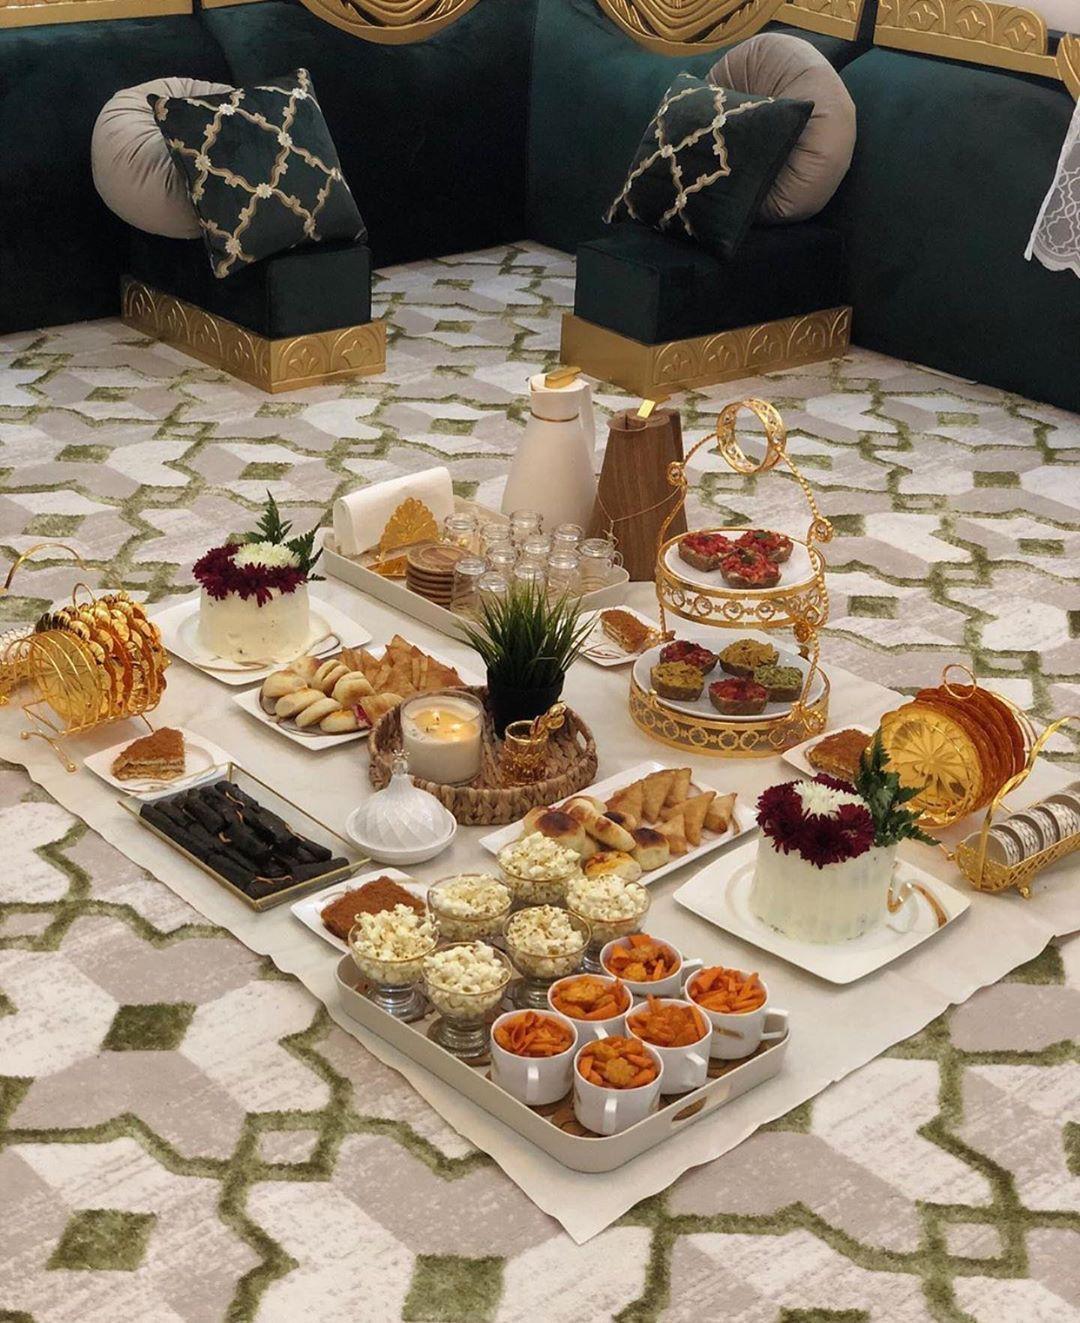 تقديمات On Instagram حسابي برعاية صبا Saba لتنسيق الزهور والهدايا نشارككم اللحظات السعيدة لنصنعها لكم ب Picnic Food Food Snapchat Tea Party Table